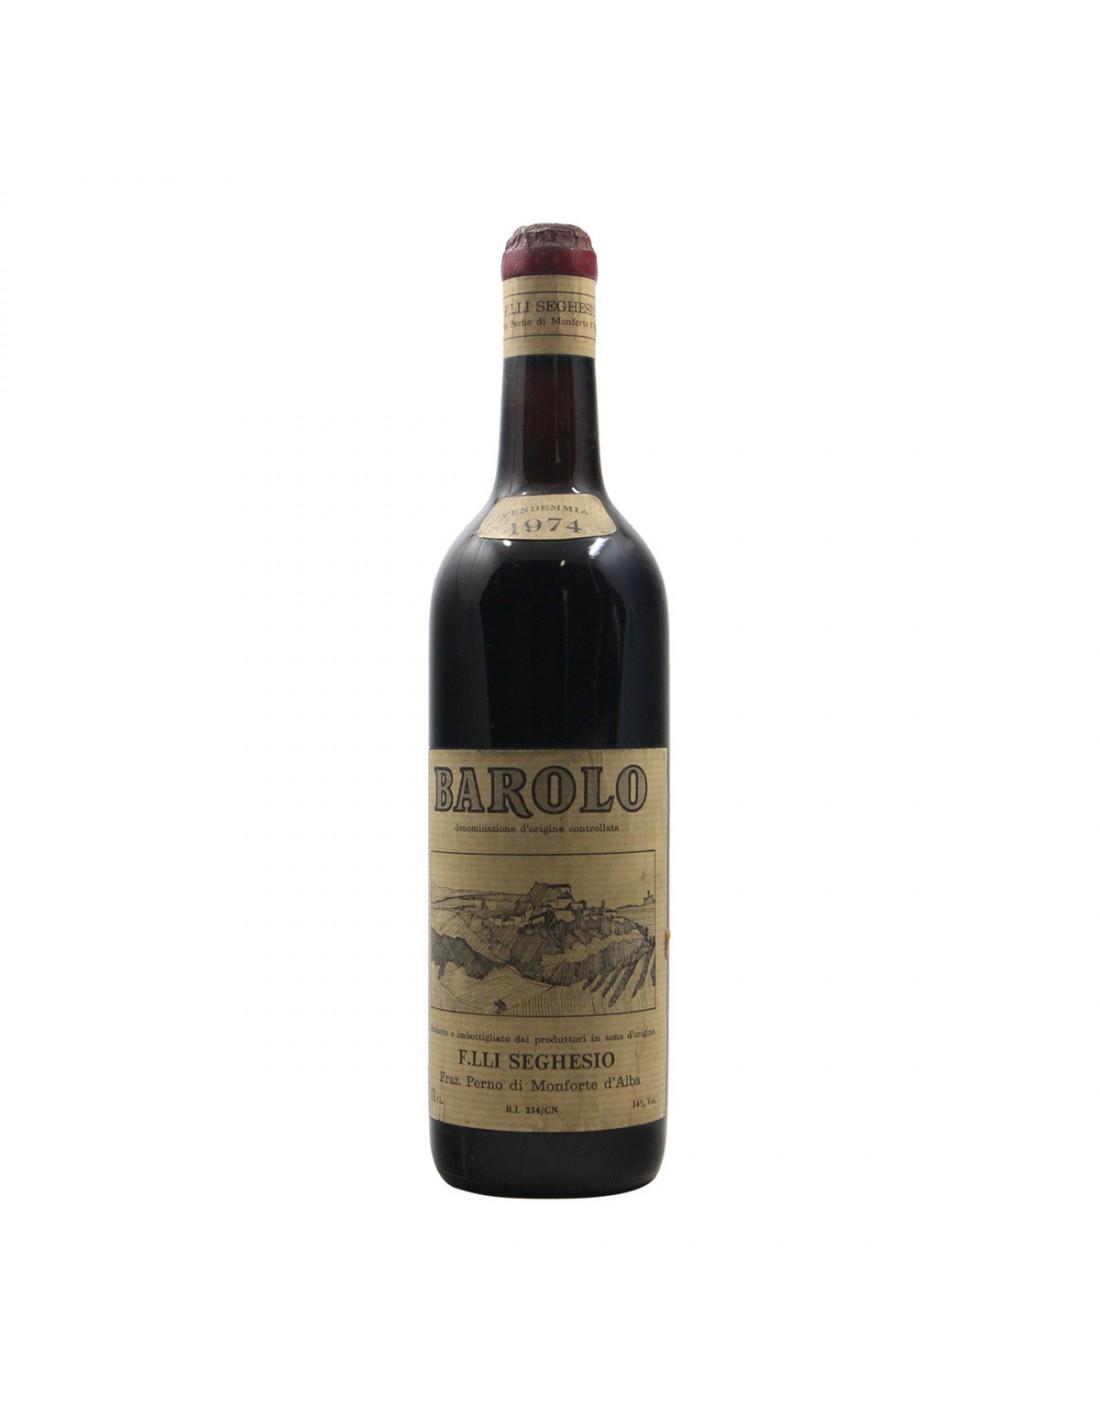 Barolo 1974 SEGHESIO GRANDI BOTTIGLIE